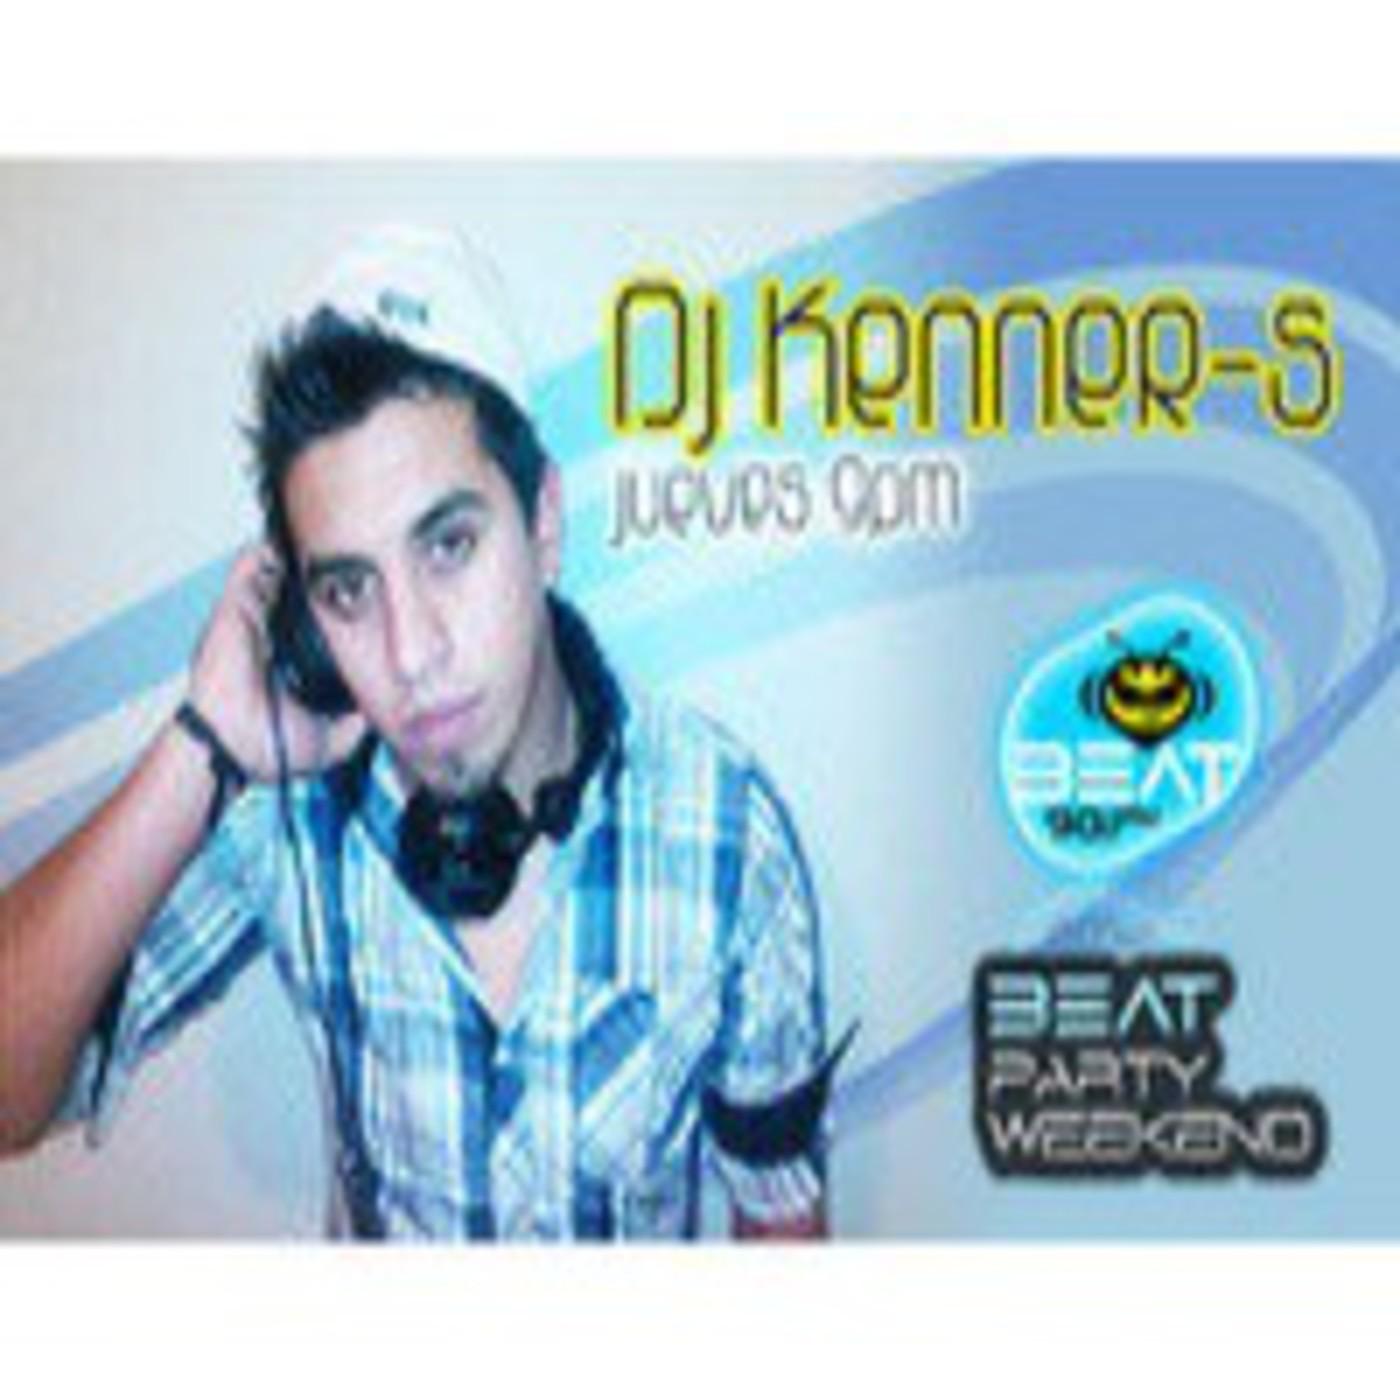 <![CDATA[Beat 90.1 FM DJ KennerS Minimal Sessions]]>